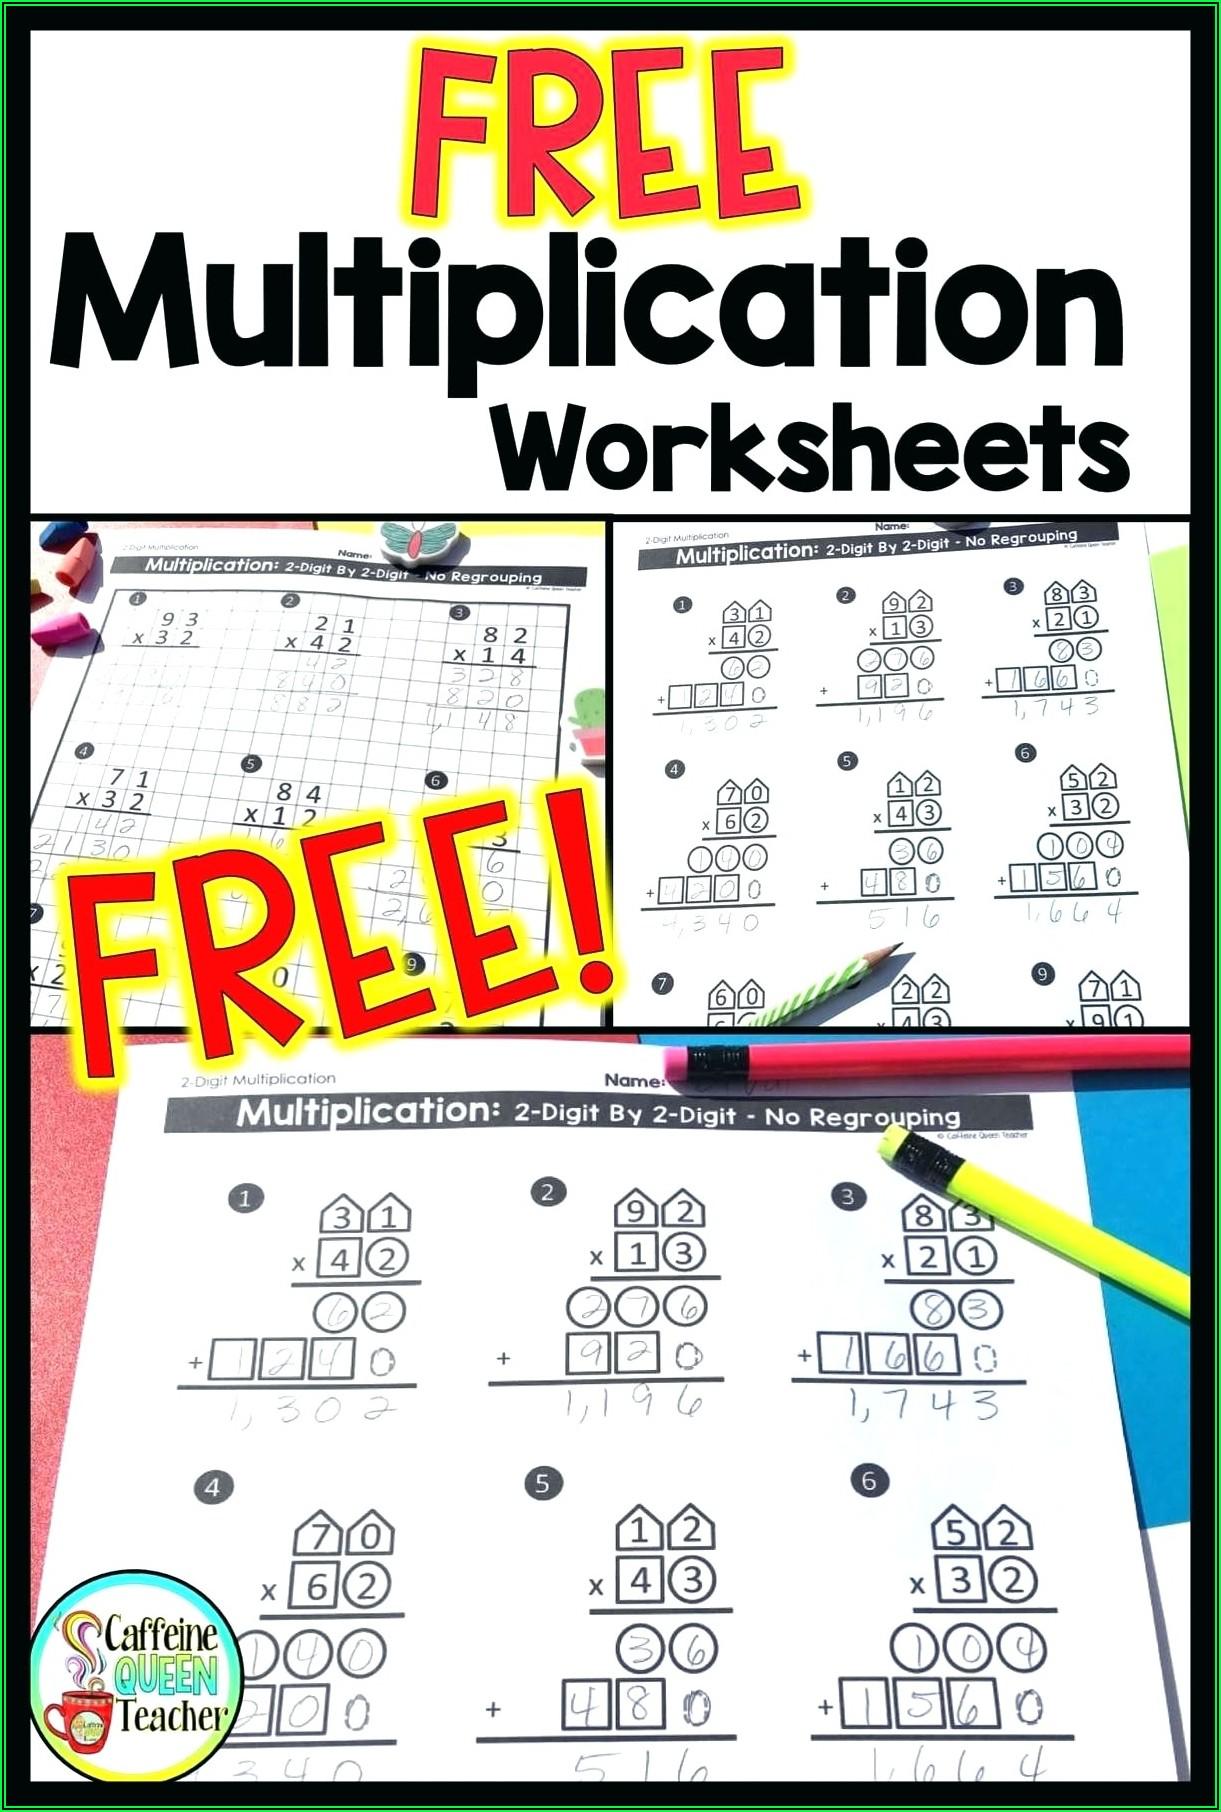 2 Digit Times 3 Digit Multiplication Worksheets